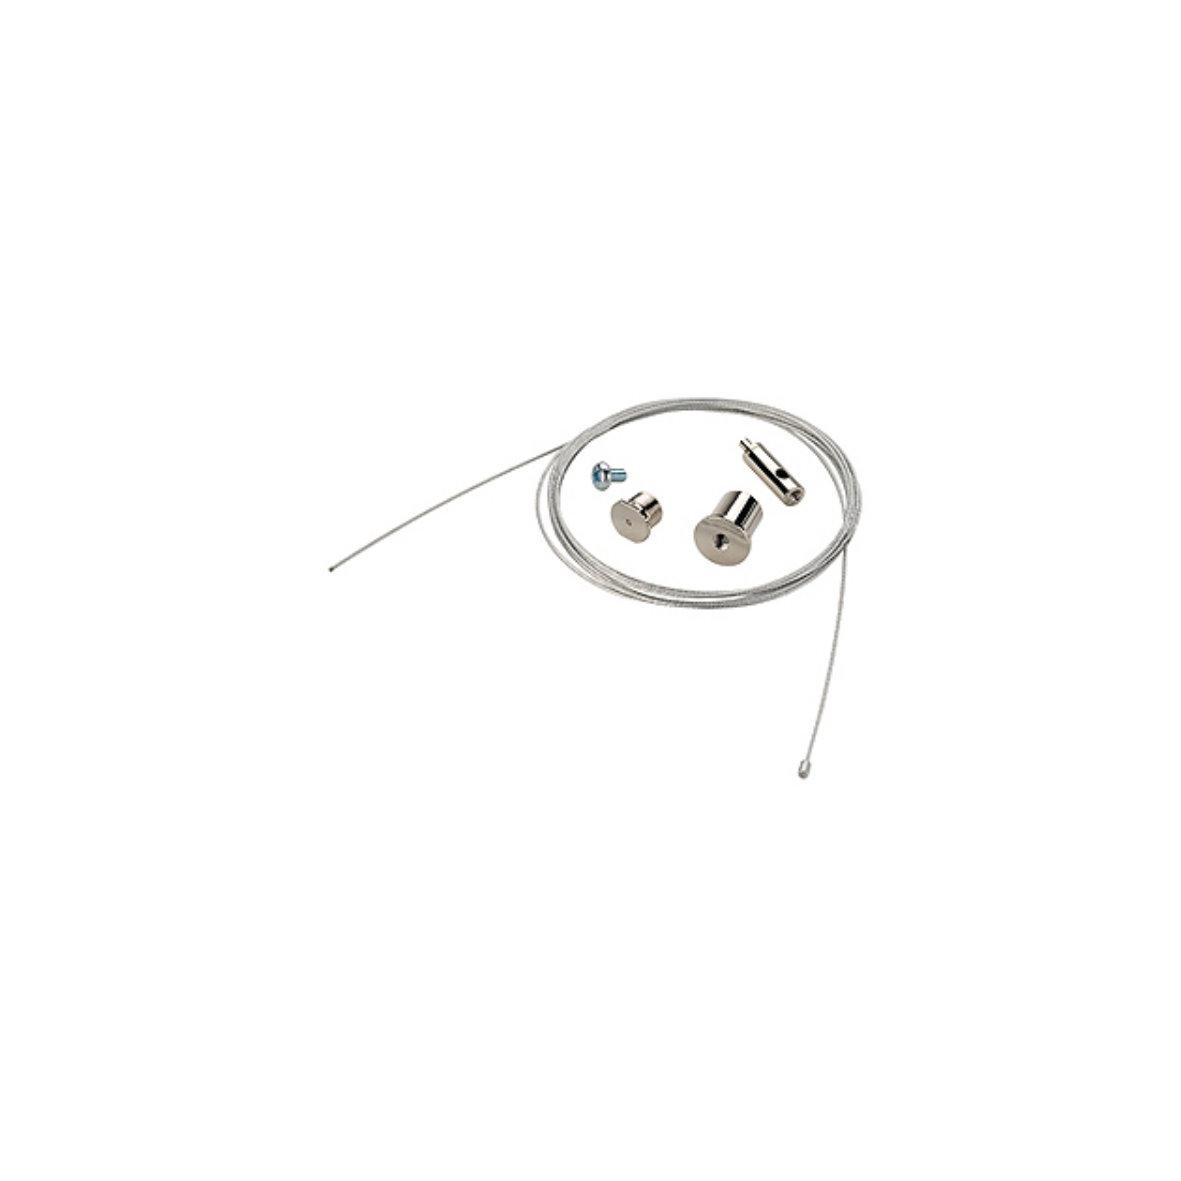 3 phasen strom honeywell v4043h wiring diagram zubehör komponente eutrac stromschiene